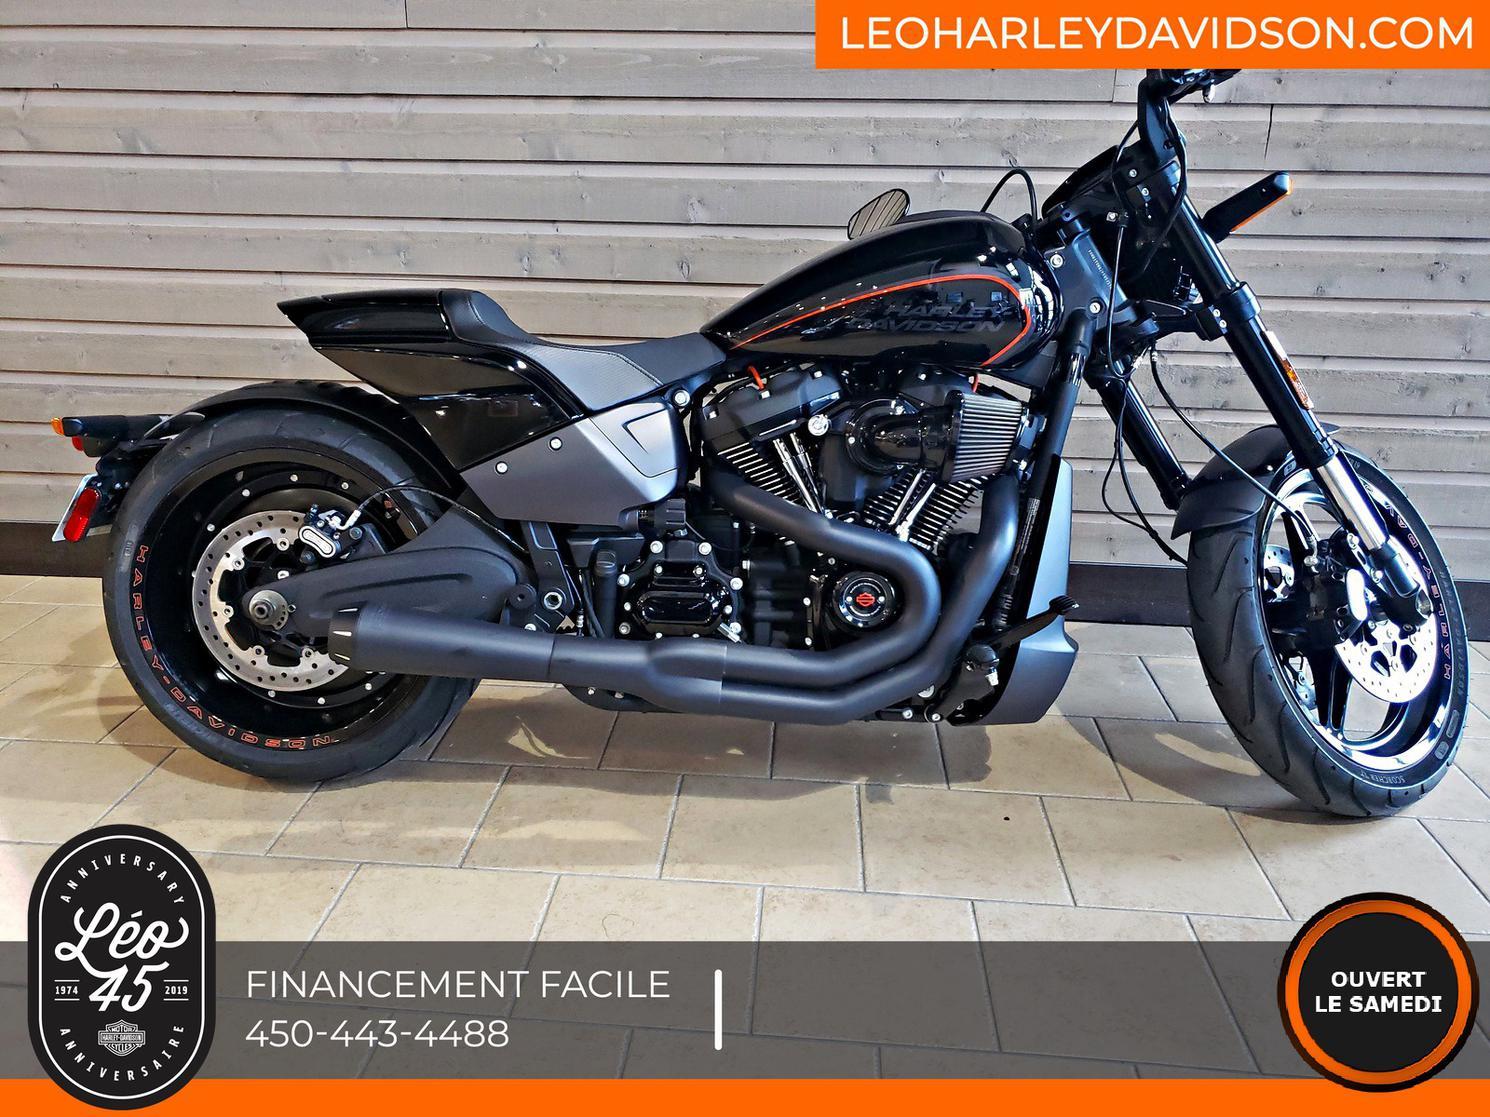 Harley-Davidson FXDRS 2019 - FXDR 114